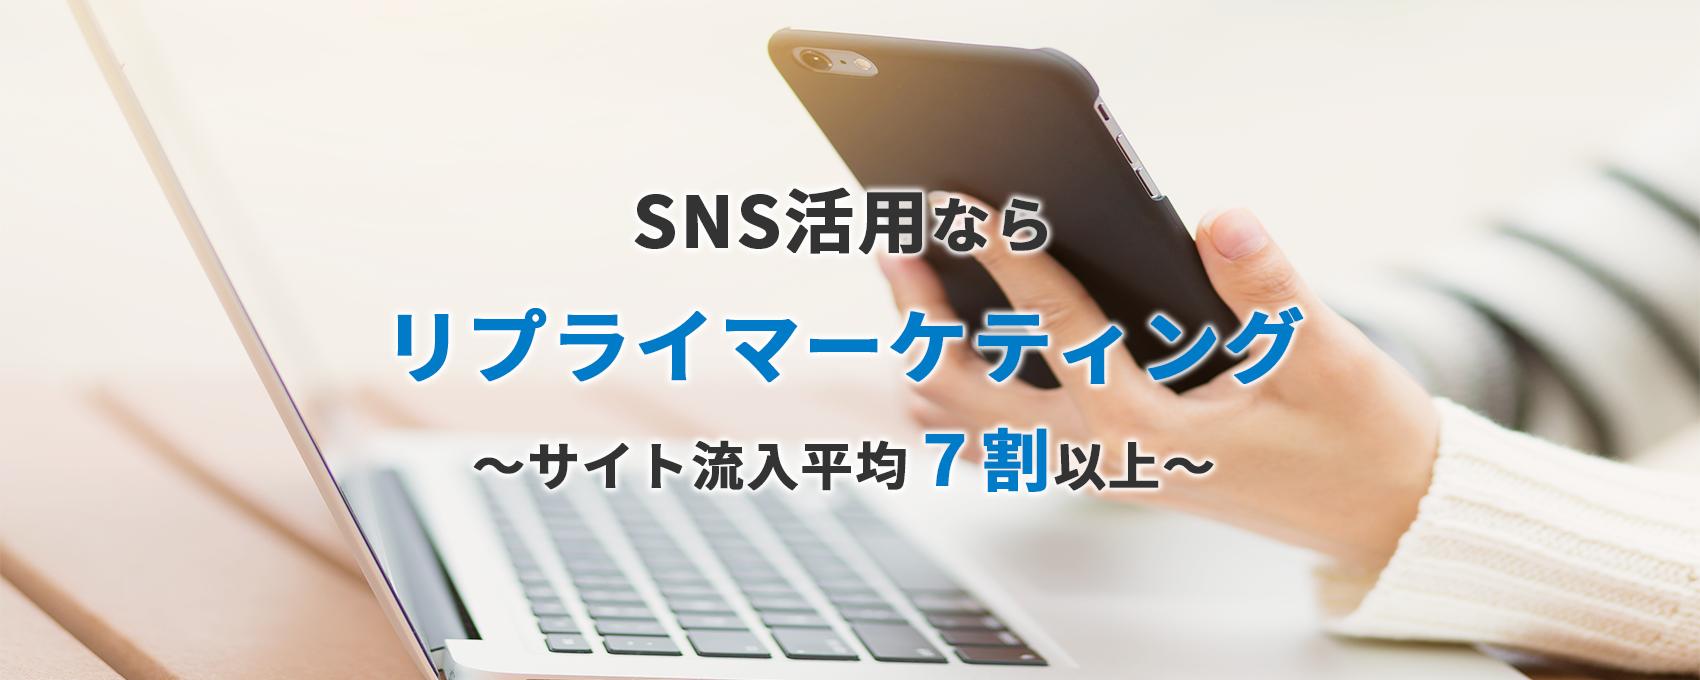 SNSのリプライ機能を活用した「リプライマーケティング」でSNSで流入強化を